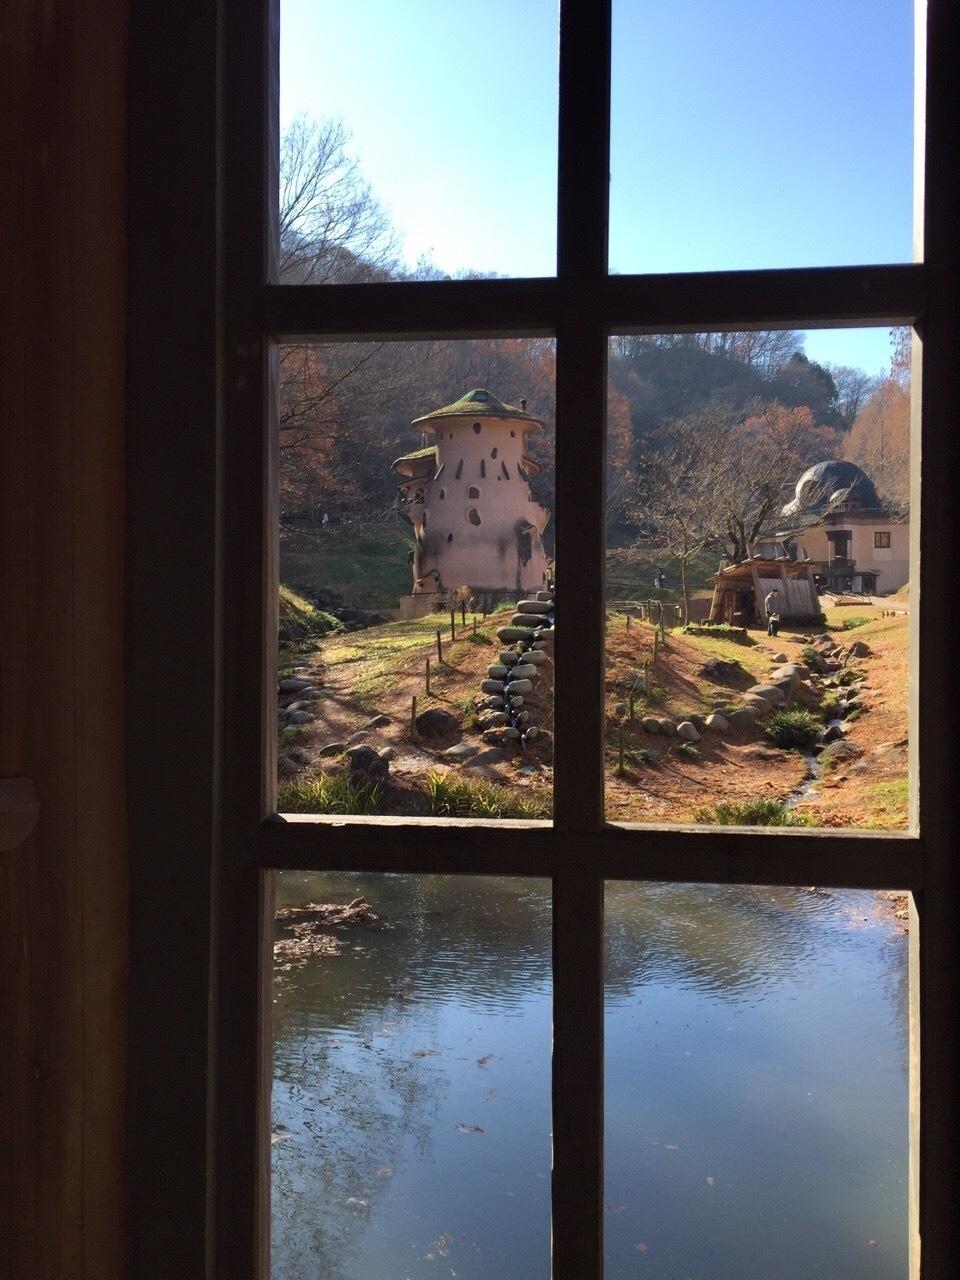 ムーミン一家の水浴び小屋から見たムーミン屋敷です。